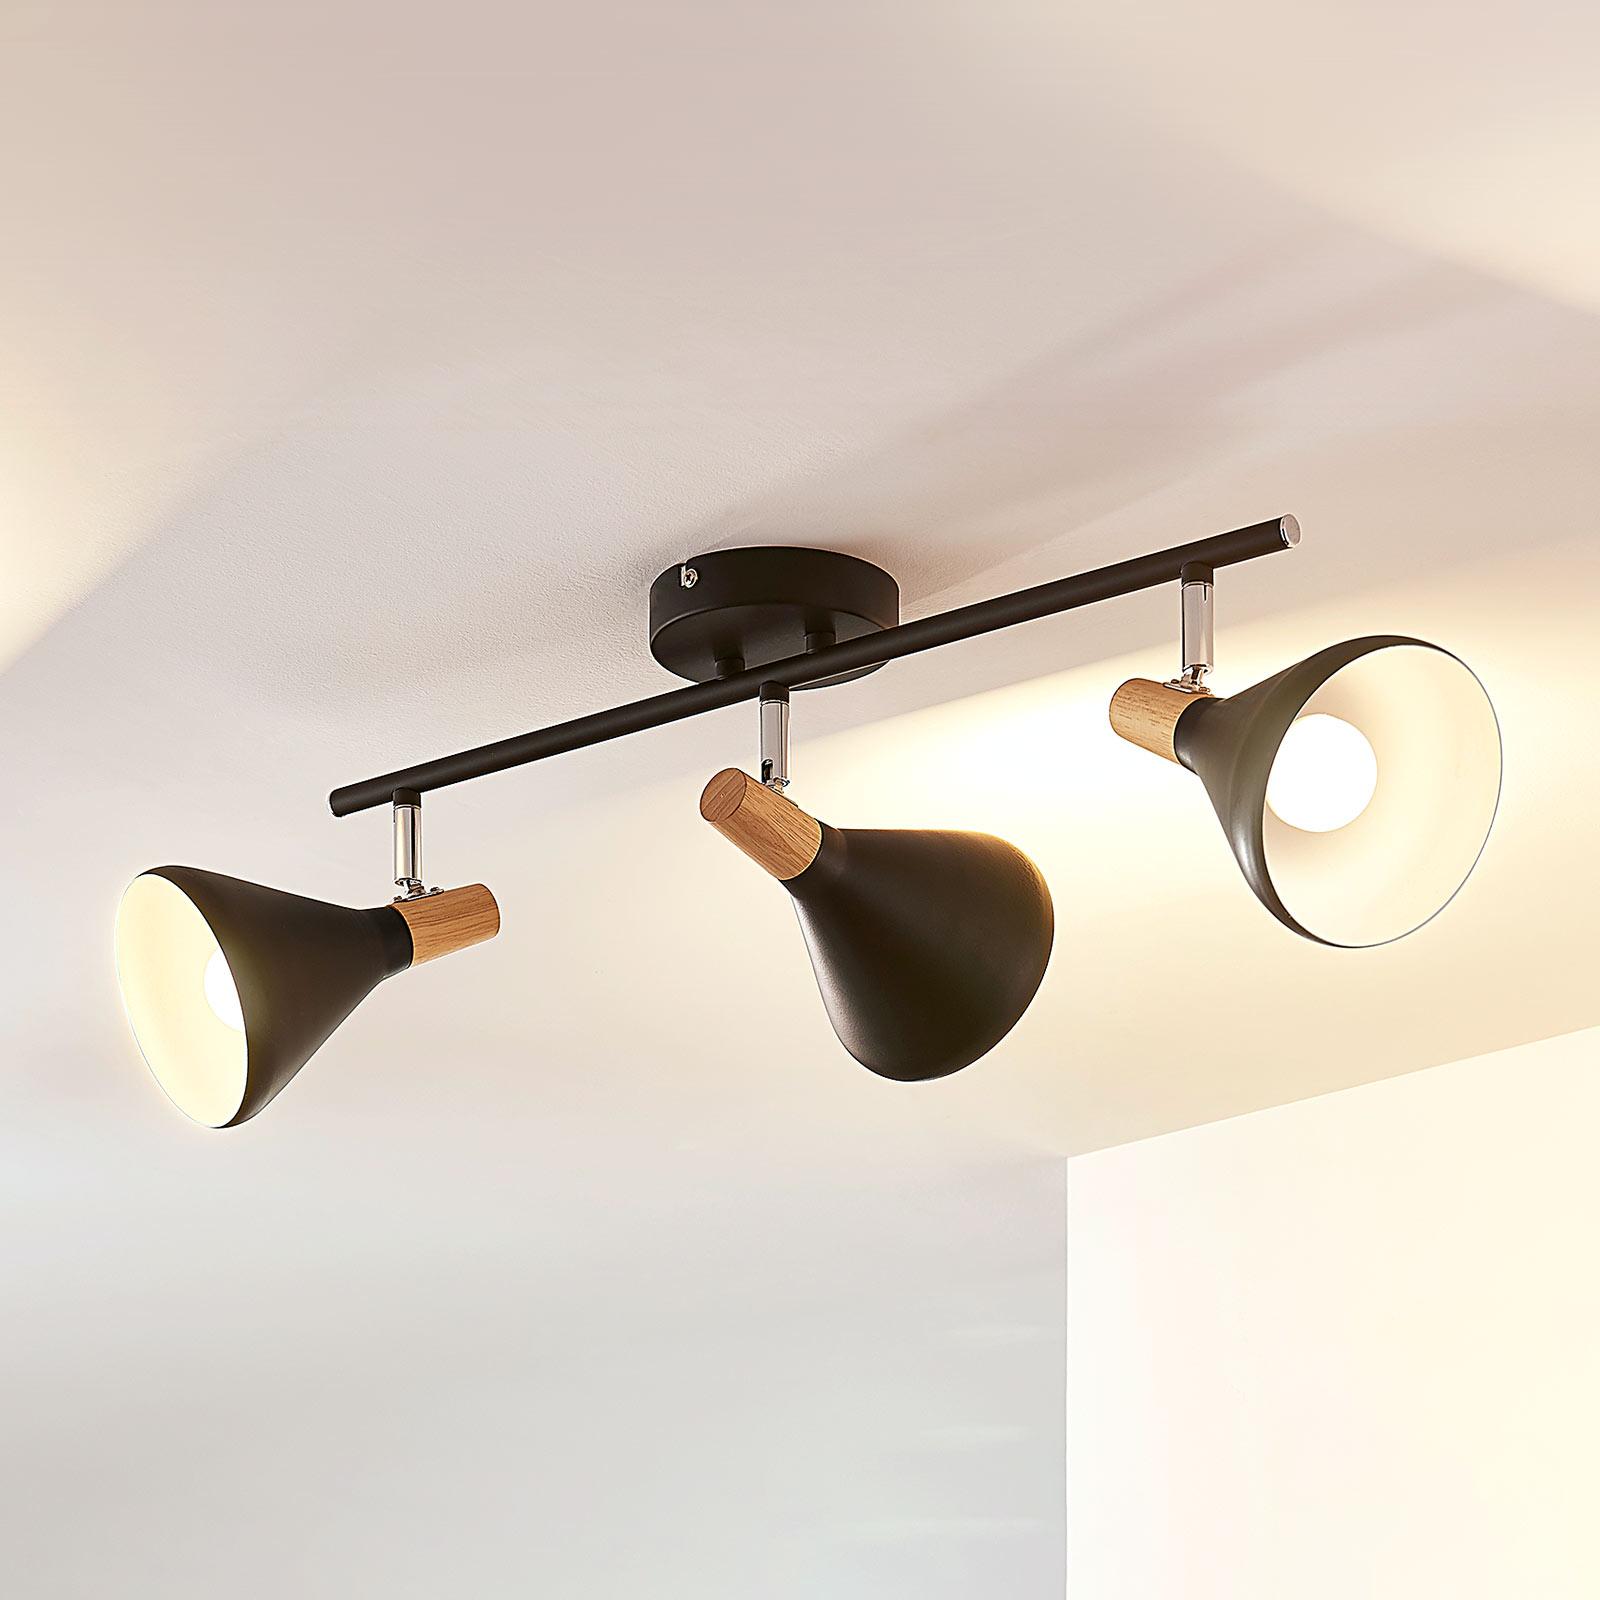 LED-taklampe Arina, skandinavisk stil